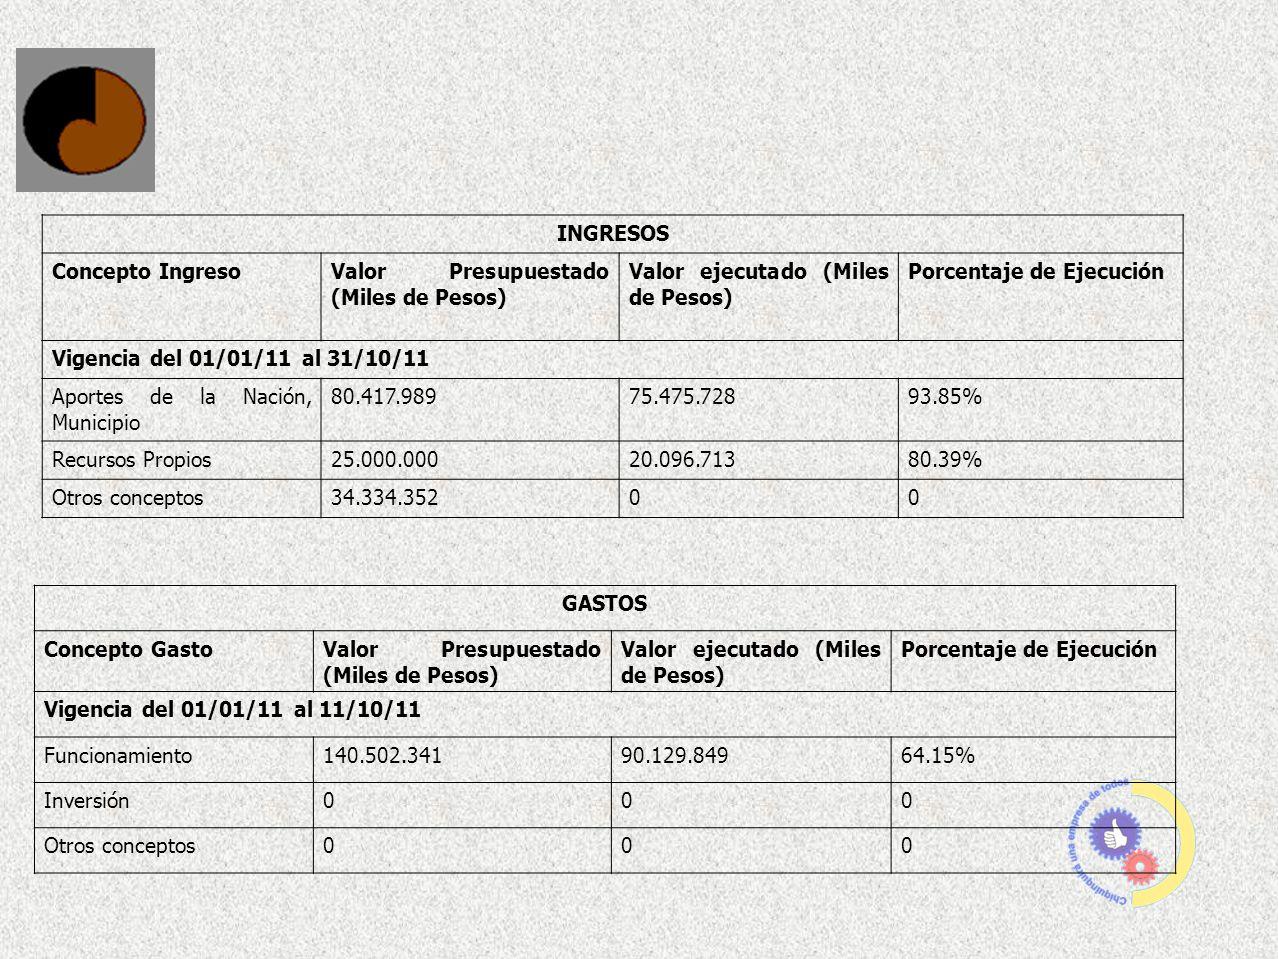 INGRESOS Concepto IngresoValor Presupuestado (Miles de Pesos) Valor ejecutado (Miles de Pesos) Porcentaje de Ejecución Vigencia del 01/01/11 al 31/10/